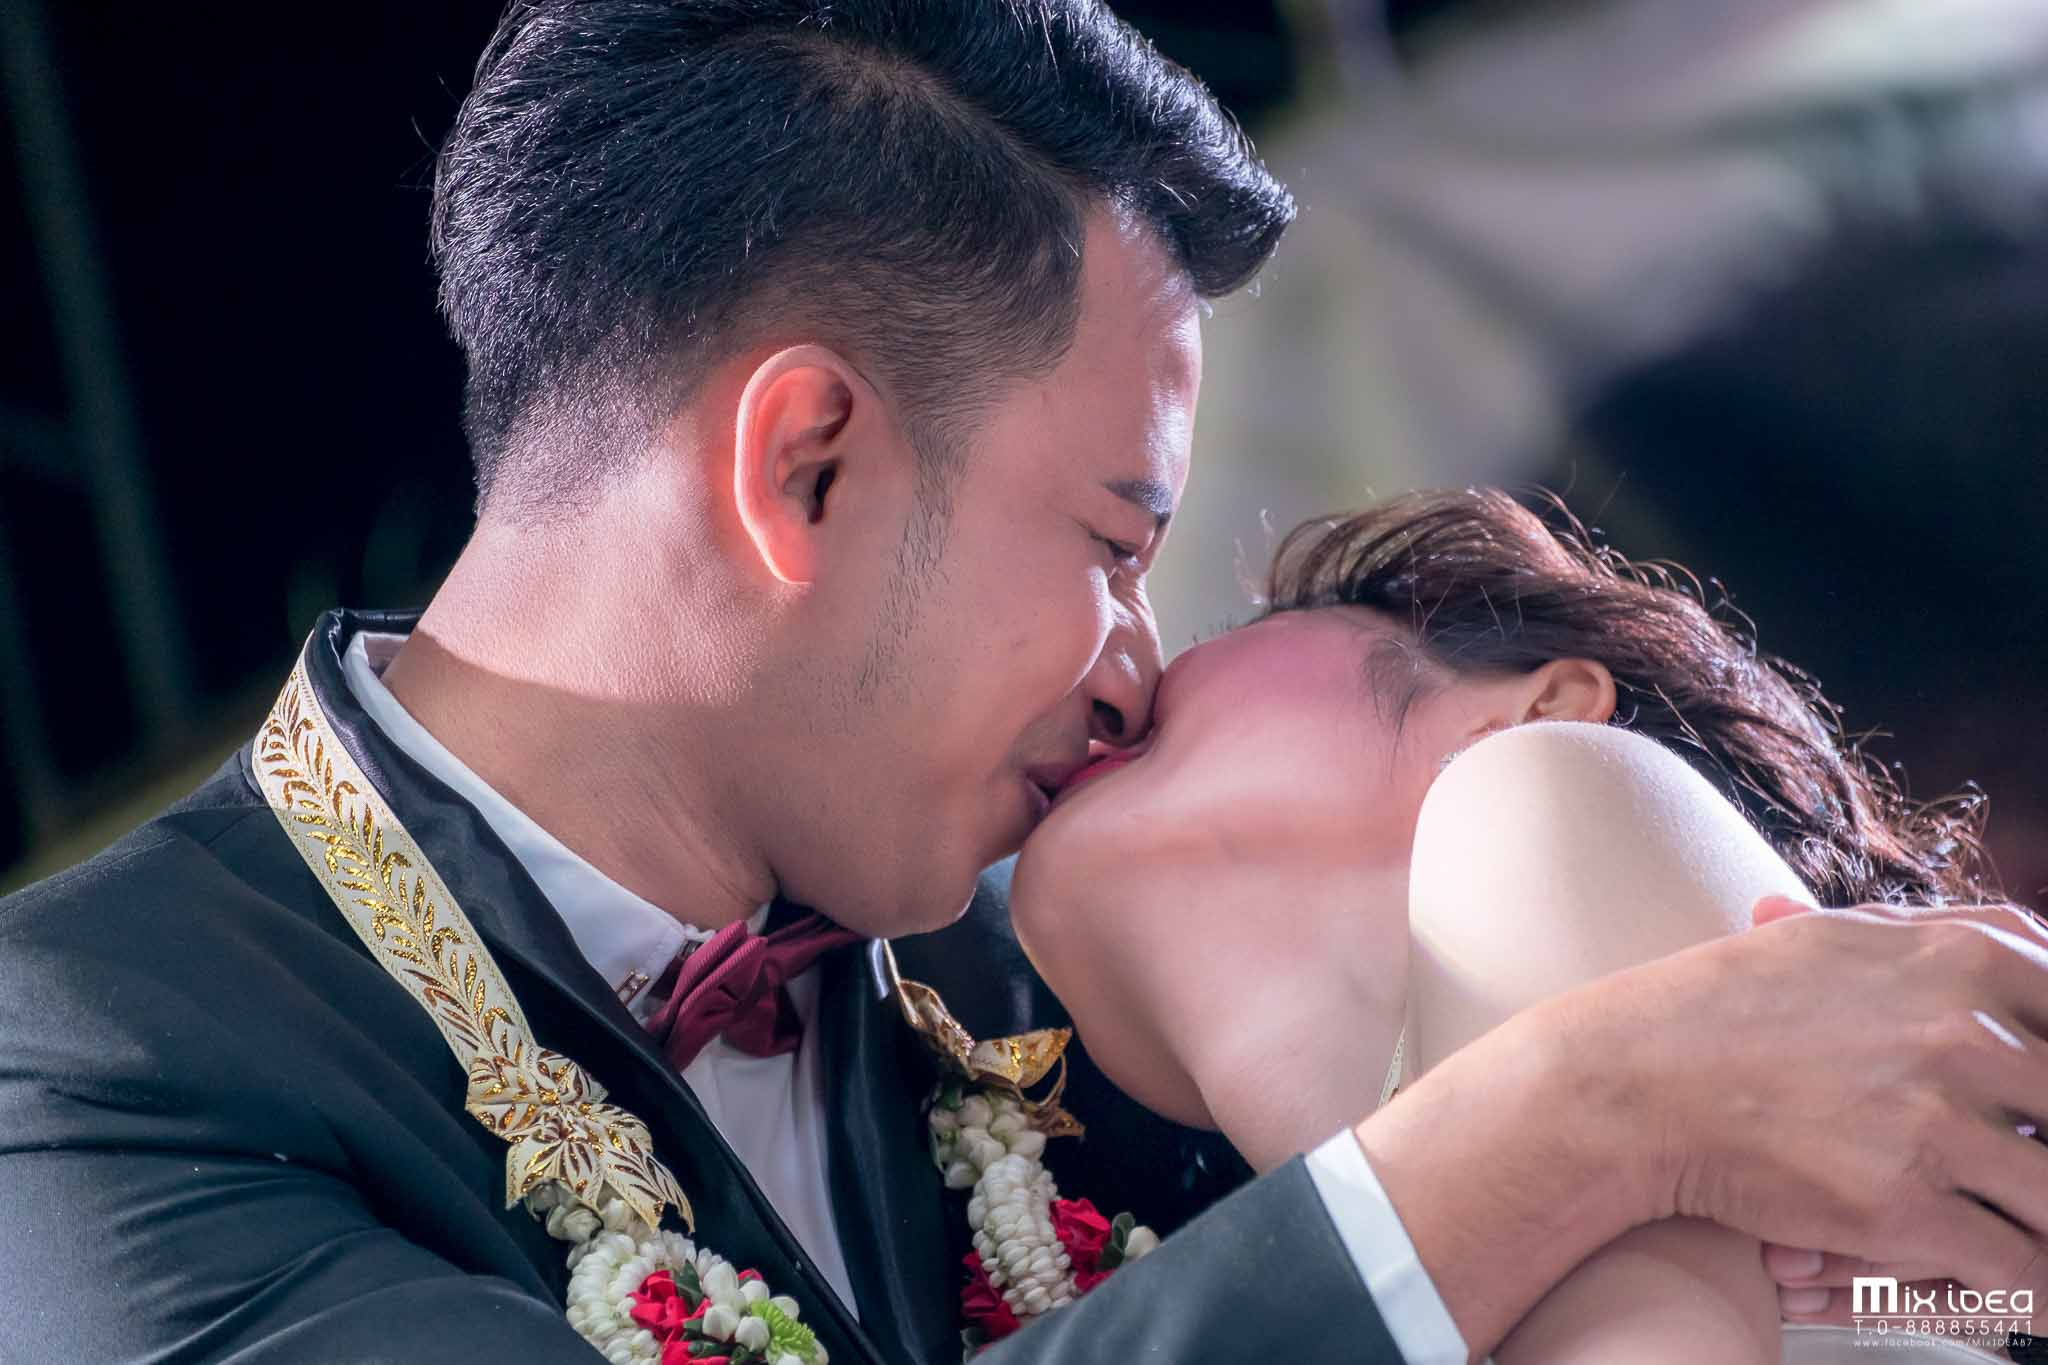 Photo of งานแต่ง [คุณใหญ่ & คุณดวง] งานเลี้ยงเย็น จ.ชัยภูมิ